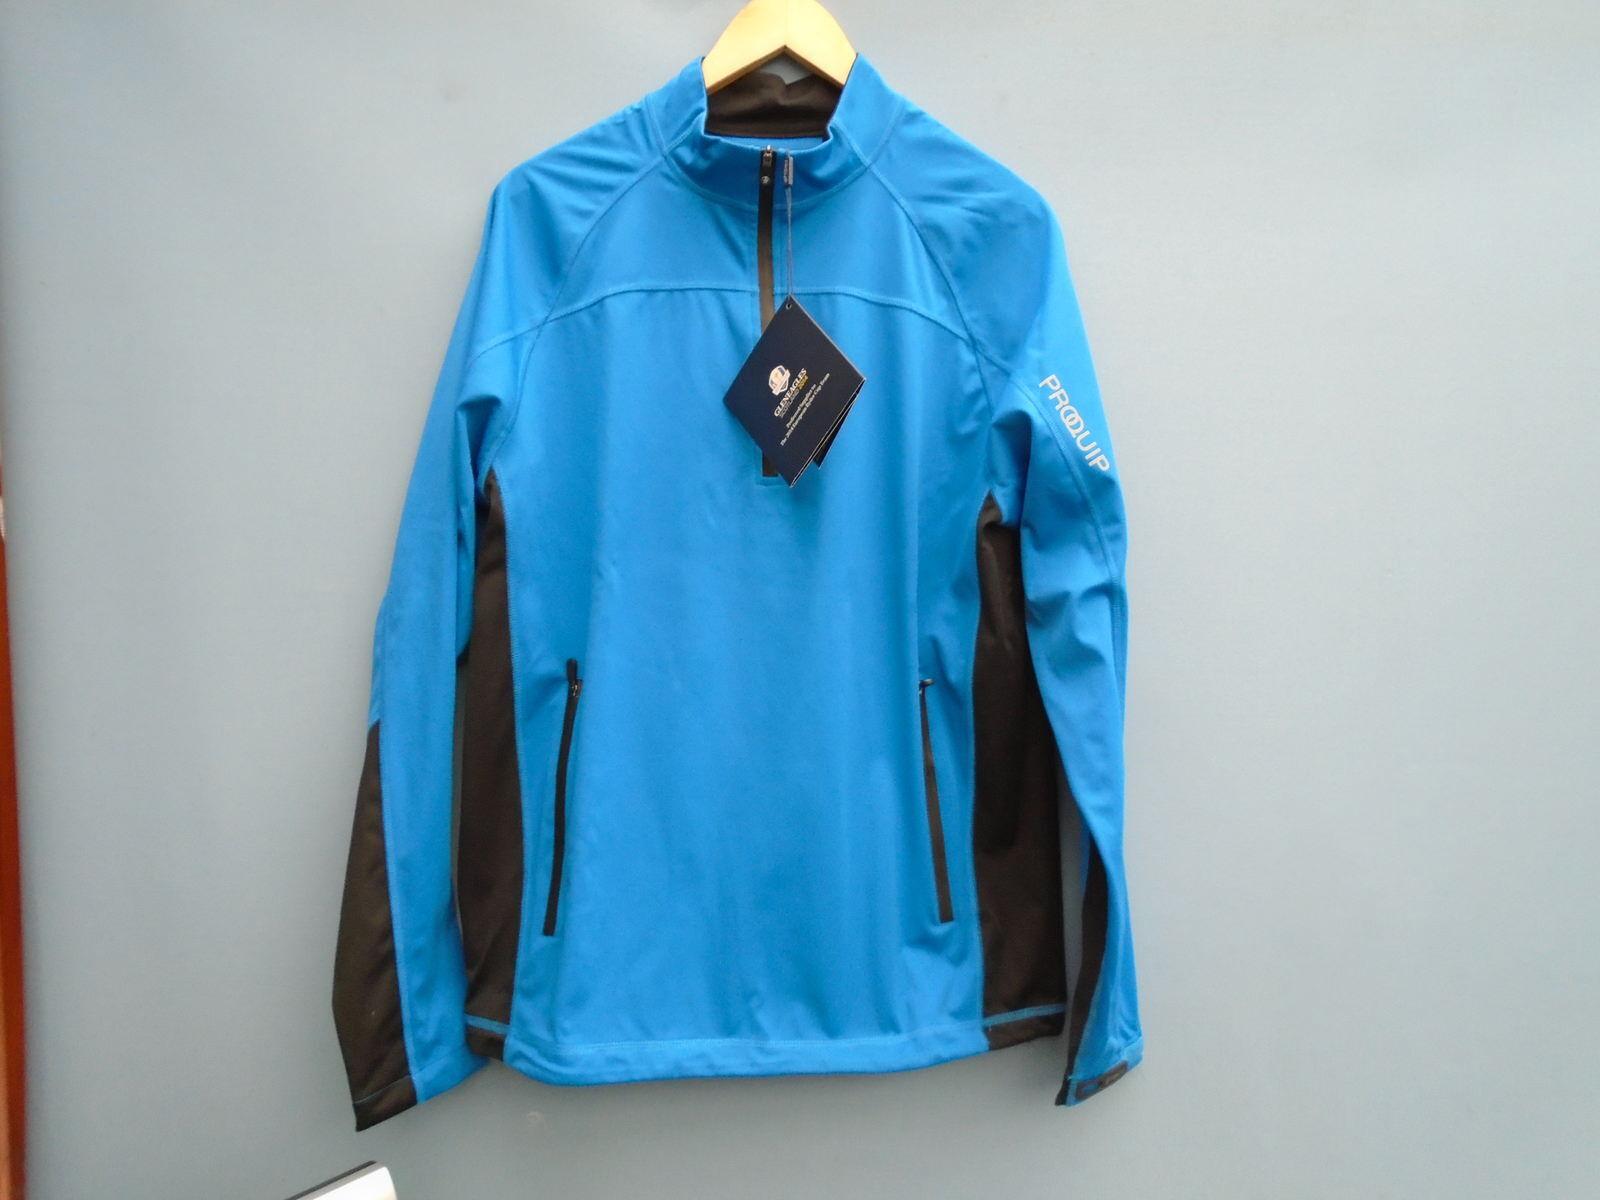 Nueva Chaqueta ProQuip 1 4 Zip Wind-Tamaño-X Grande-Color-brillante azul negro